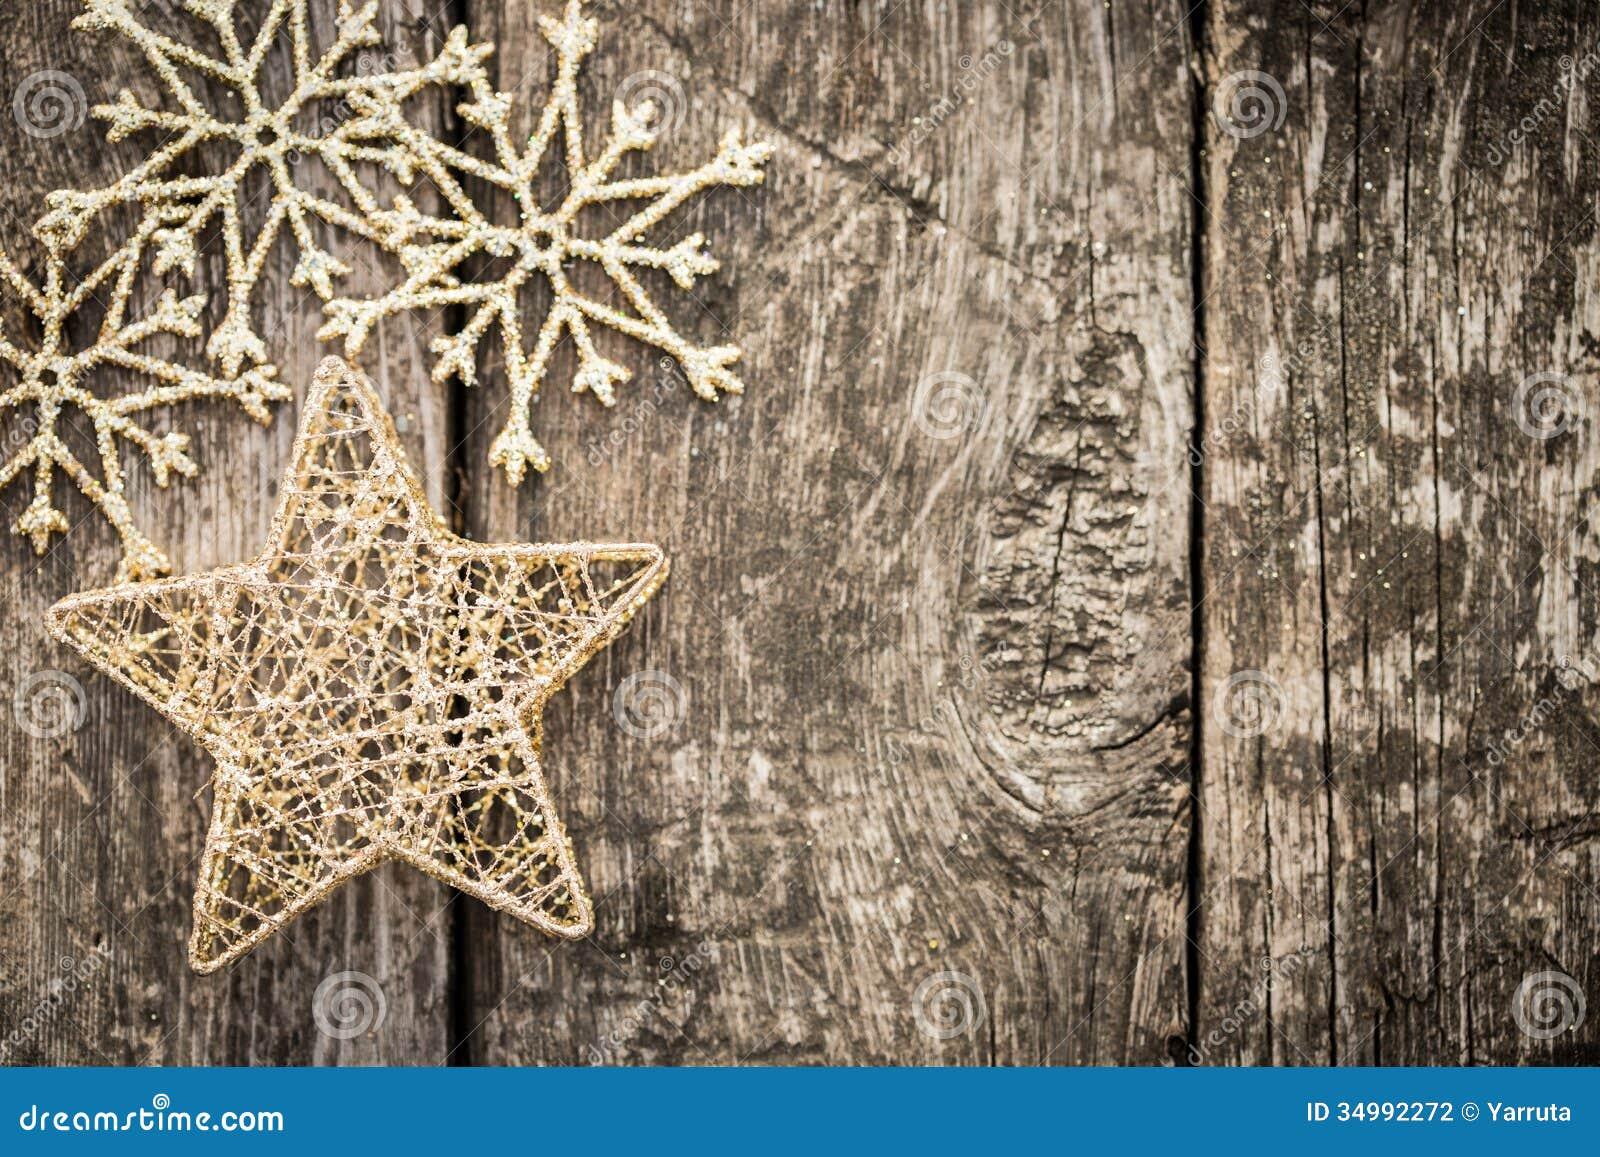 Goldweihnachtsbaumdekorationen auf Schmutzholz